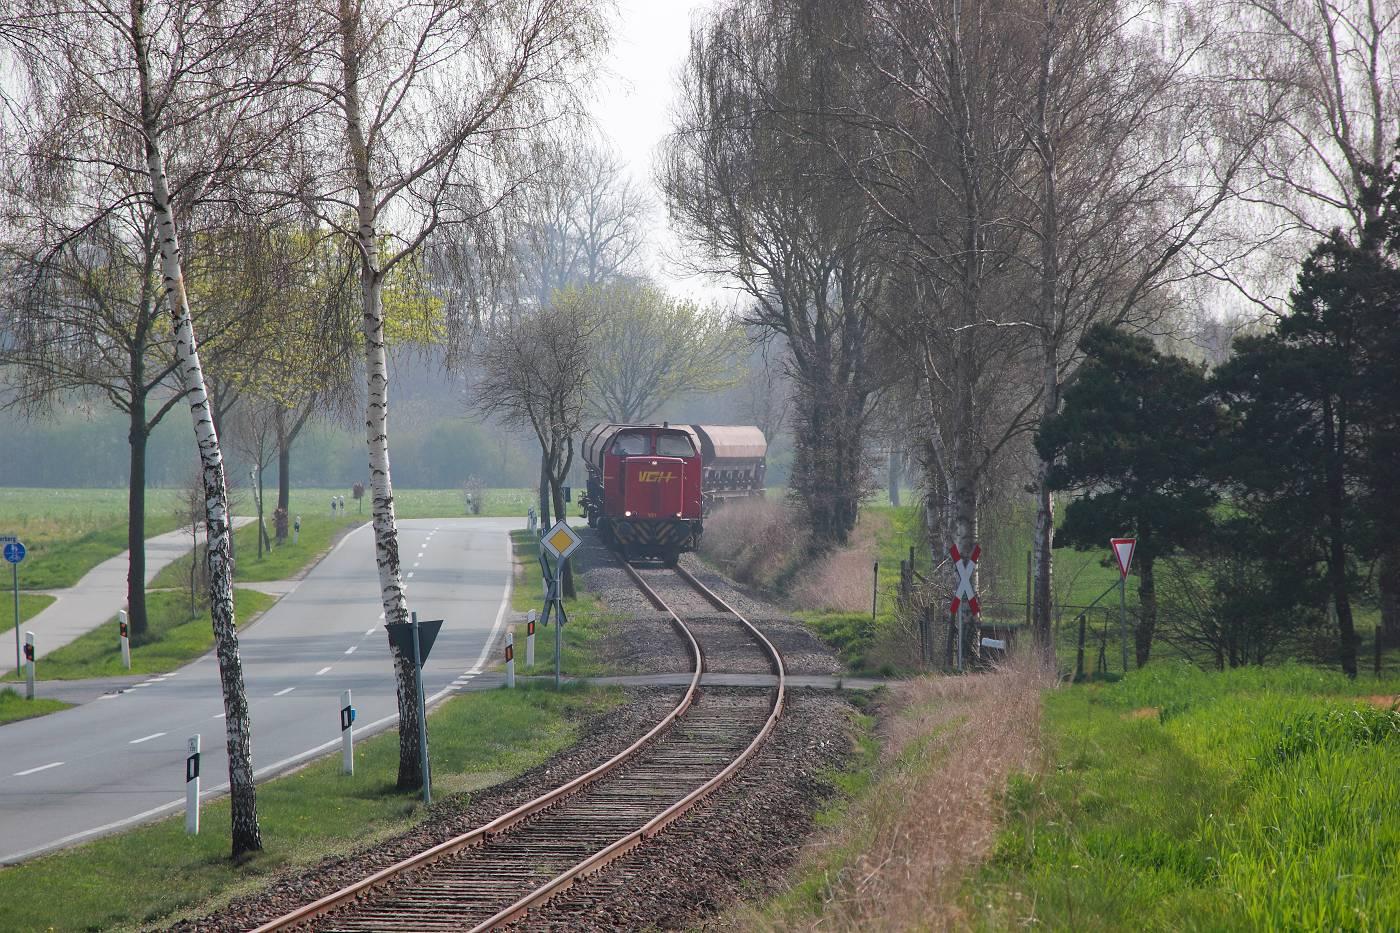 http://www.nachtbahner.de/fotos/2014-04-03%20Mittelwesertour/k-IMG_2307%20Mittelwesertour%2003.04.14%20(5).JPG